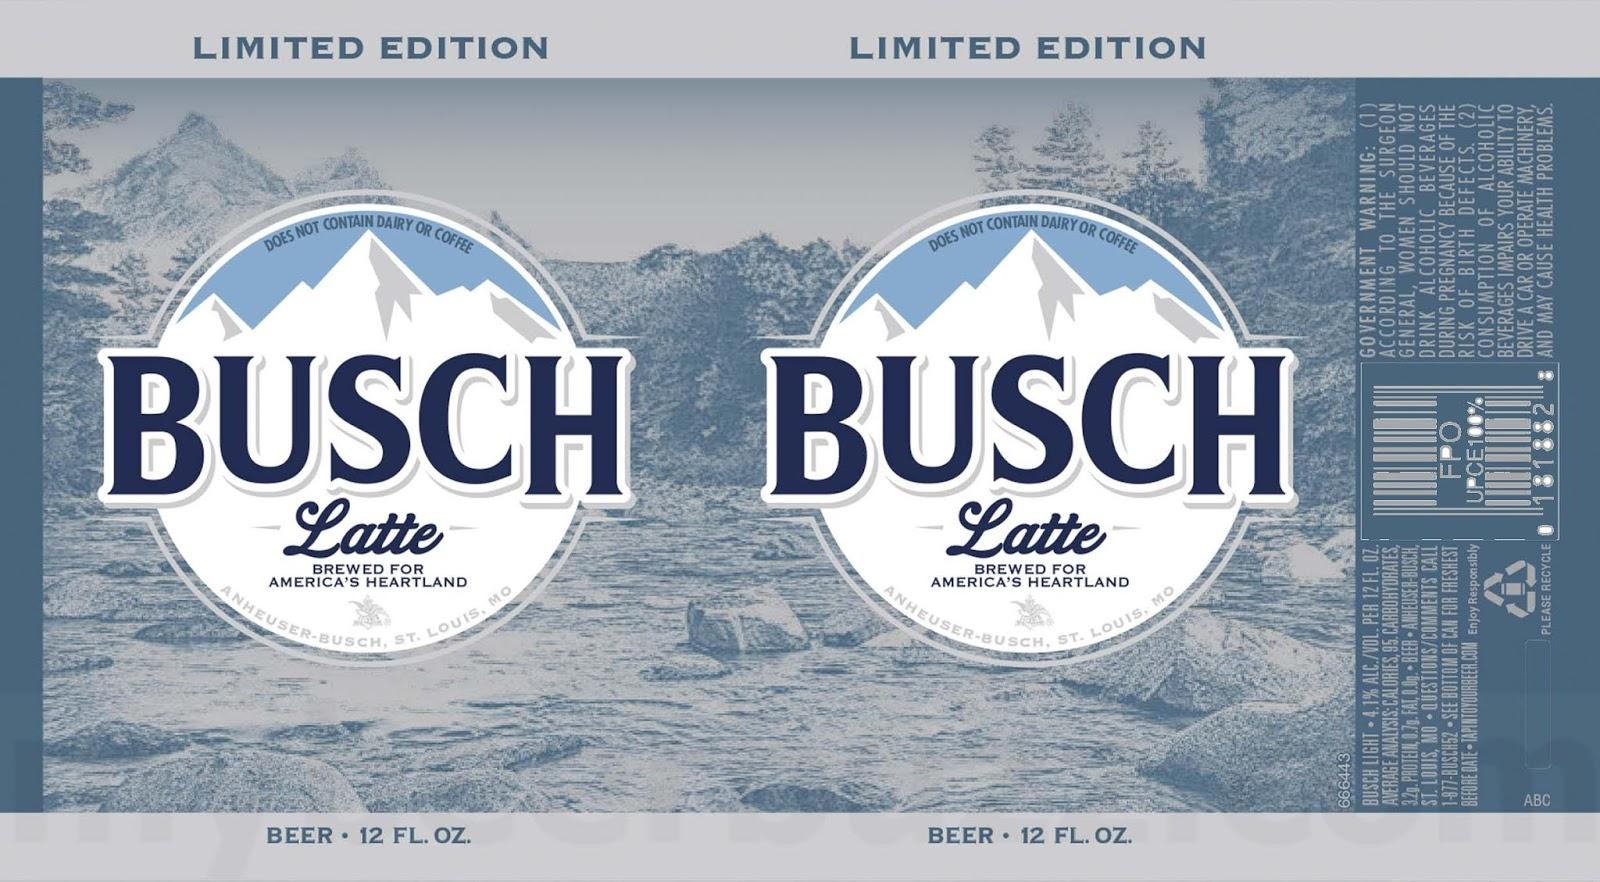 Busch Beer Adding Busch Latte Cans - mybeerbuzz com